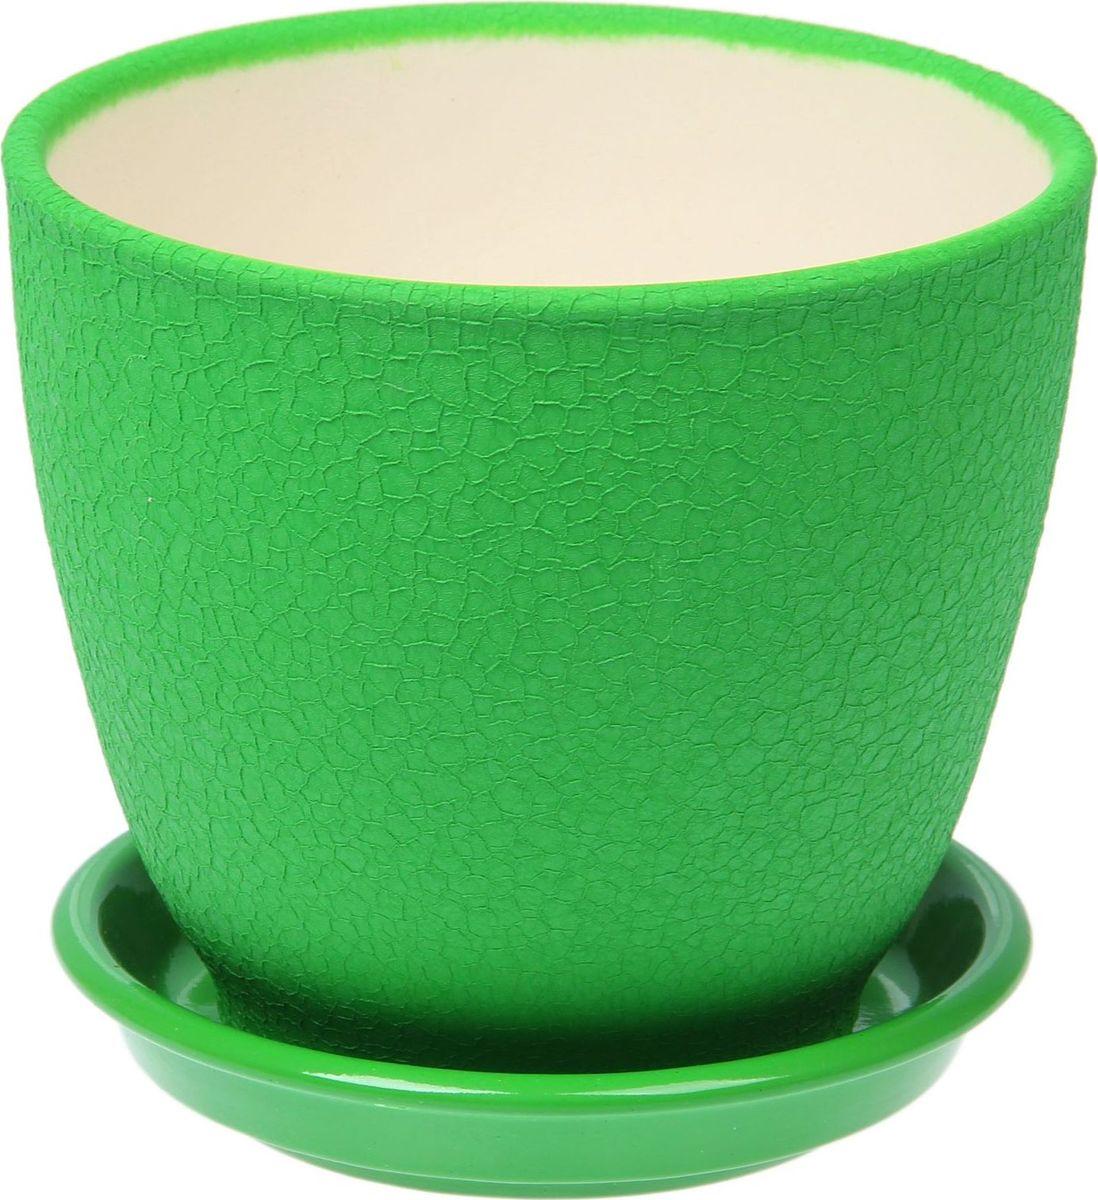 Кашпо Керамика ручной работы Кедр, цвет: зеленый, 2,2 л1489695Комнатные растения - всеобщие любимцы. Они радуют глаз, насыщают помещение кислородом и украшают пространство. Каждому из них необходим свой удобный и красивый дом. Кашпо из керамики прекрасно подходят для высадки растений:пористый материал позволяет испаряться лишней влаге;воздух, необходимый для дыхания корней, проникает сквозь керамические стенки. Кашпо Кедр позаботится о зеленом питомце, освежит интерьер и подчеркнет его стиль.